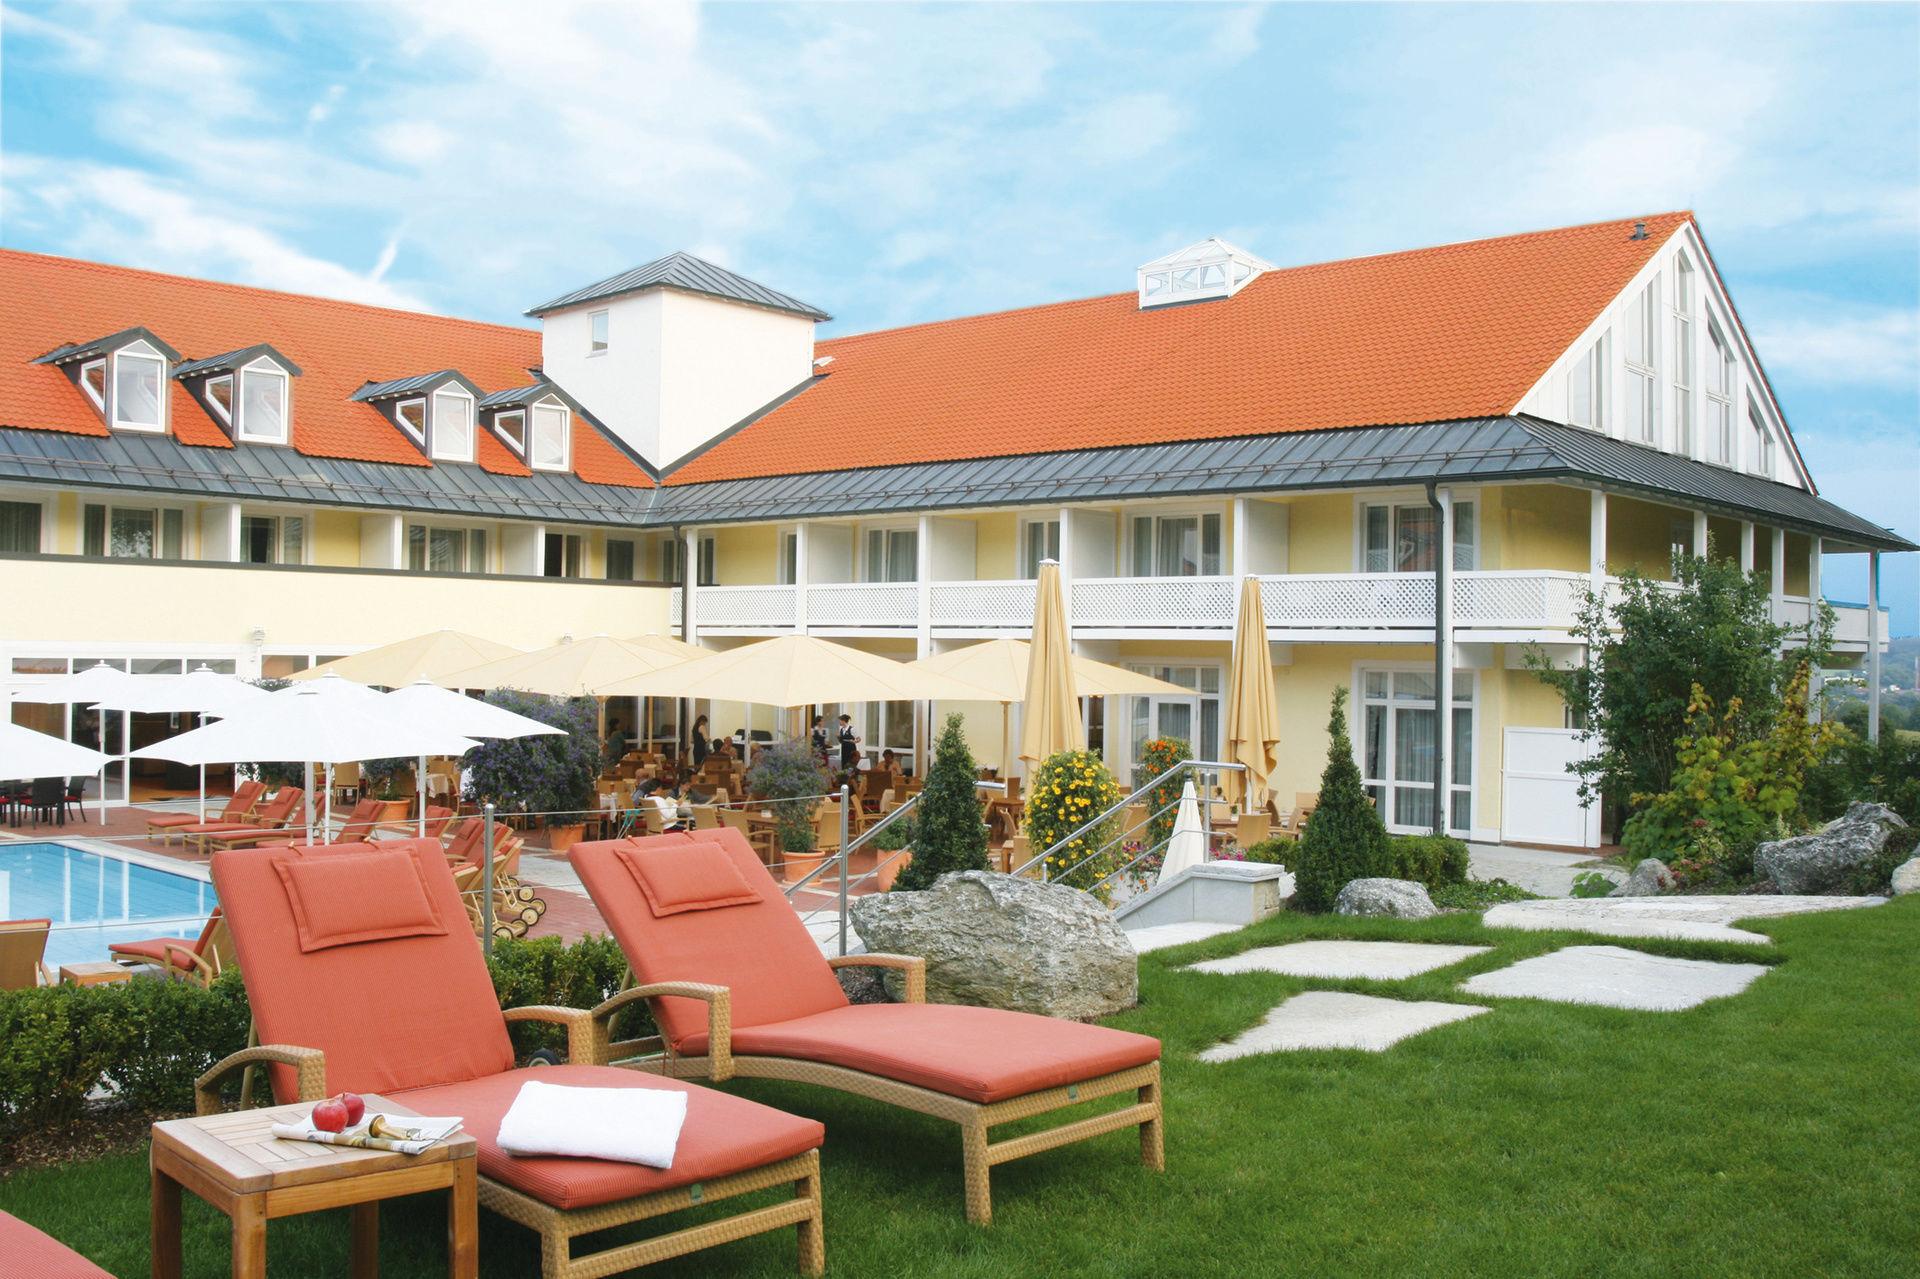 Whirlpool Bad Griesbach : Wohlfülleistungen 5 sterne hotel bad griesbach niederbayern passau